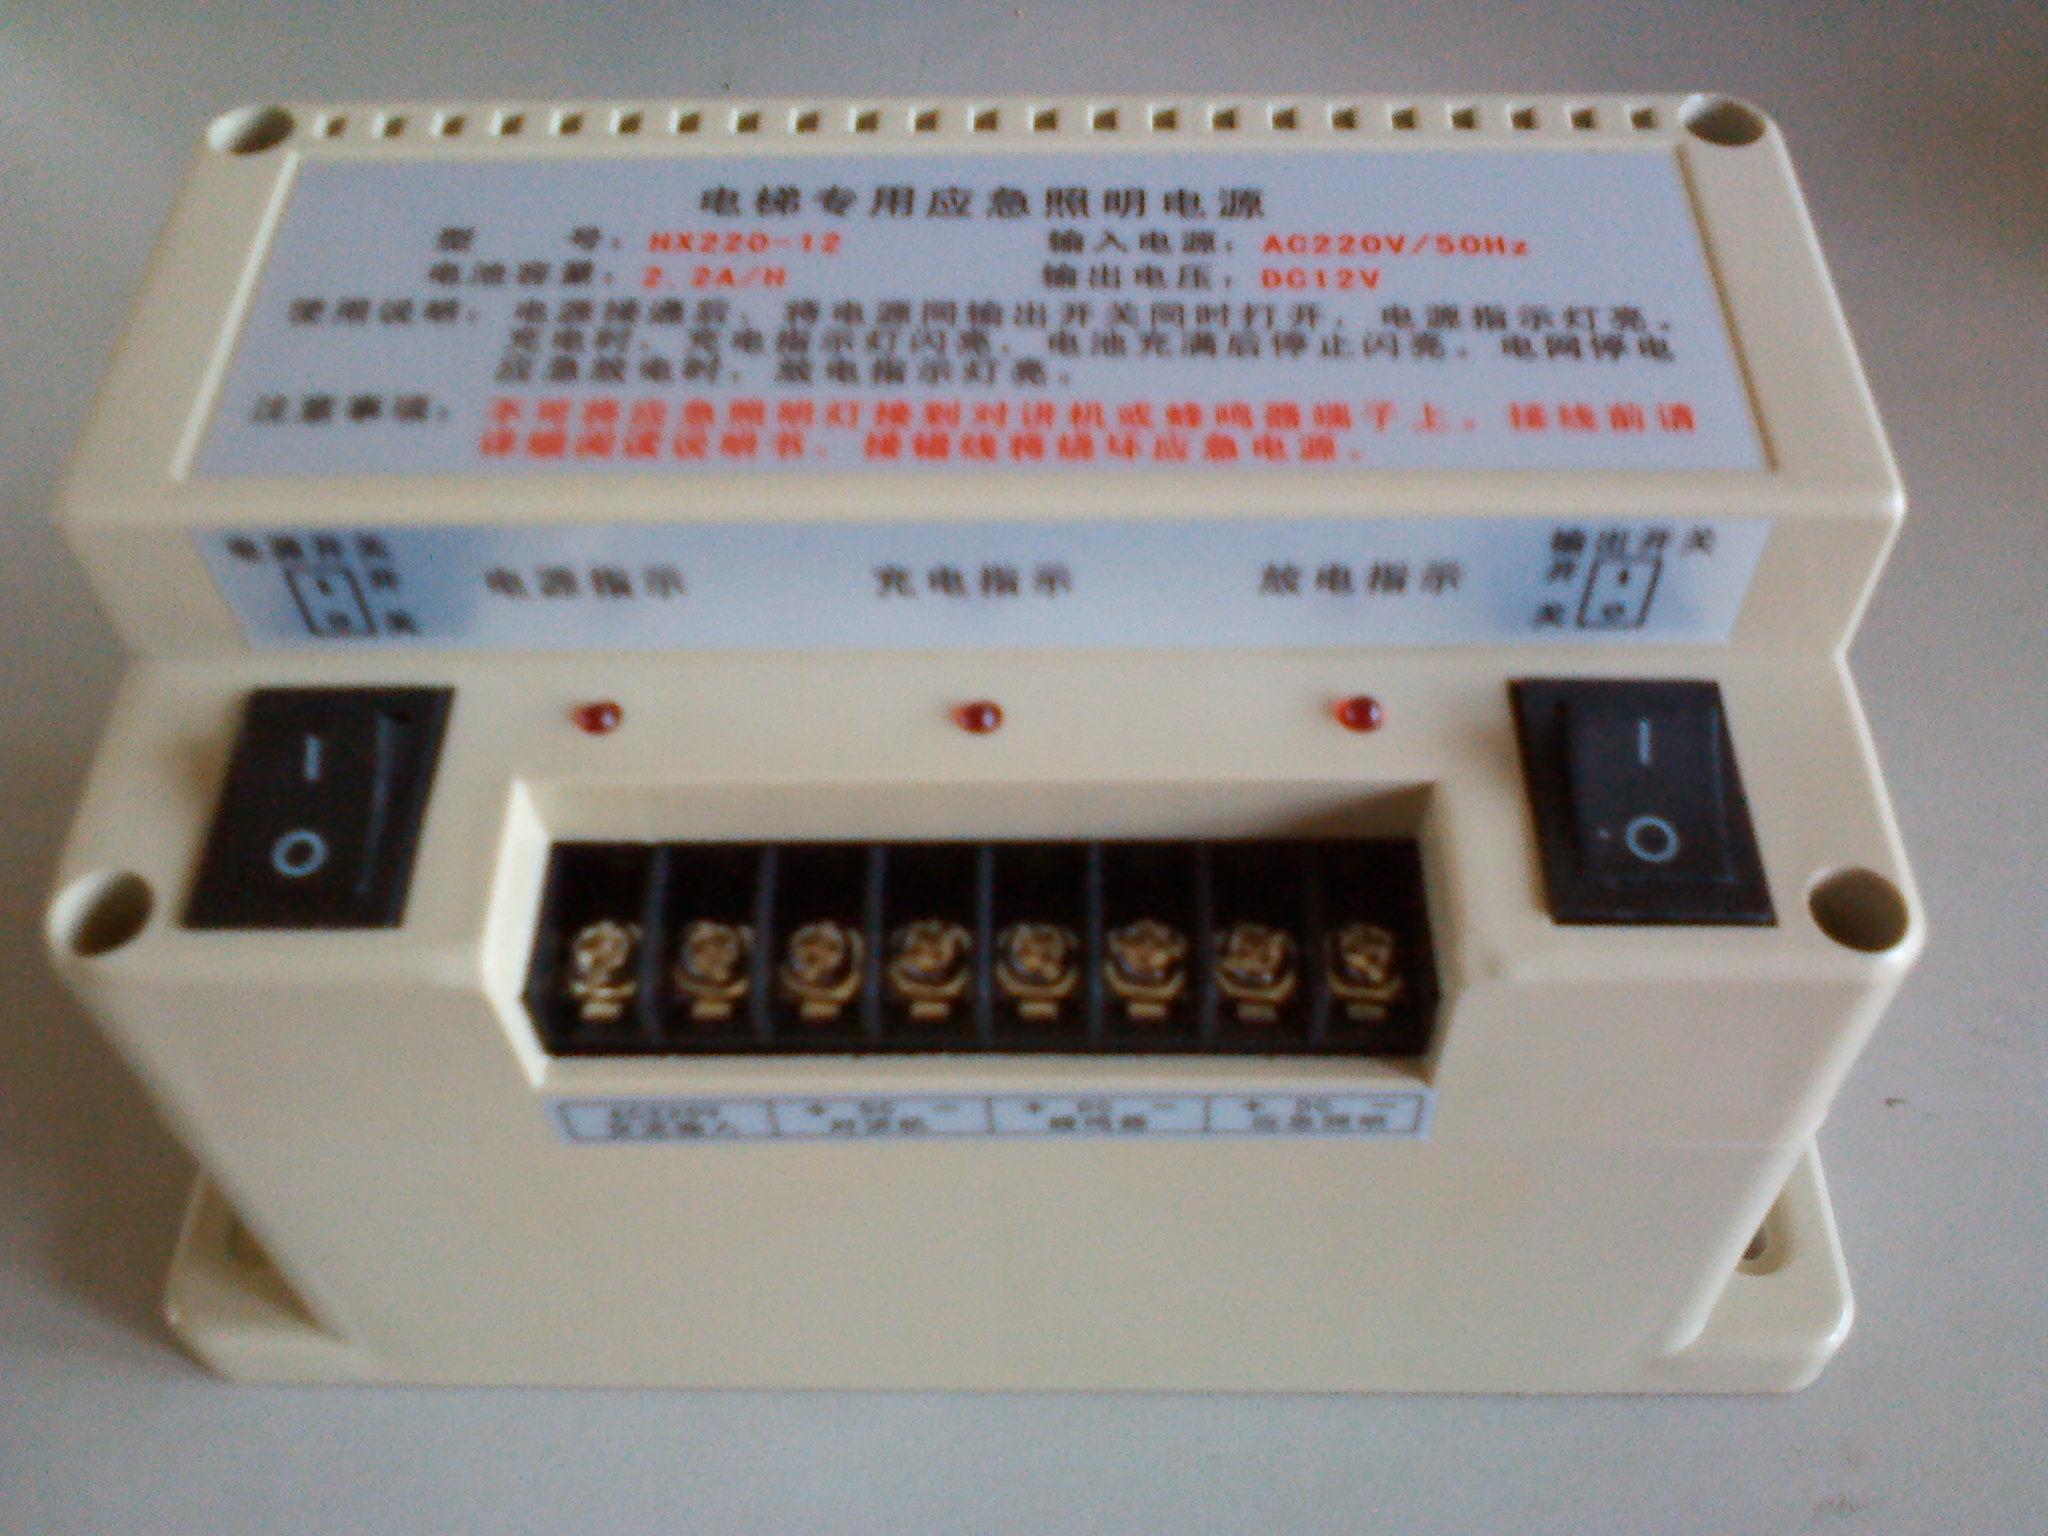 电梯配件/对讲机电源/电梯停电应急照明电源/12v/应急灯